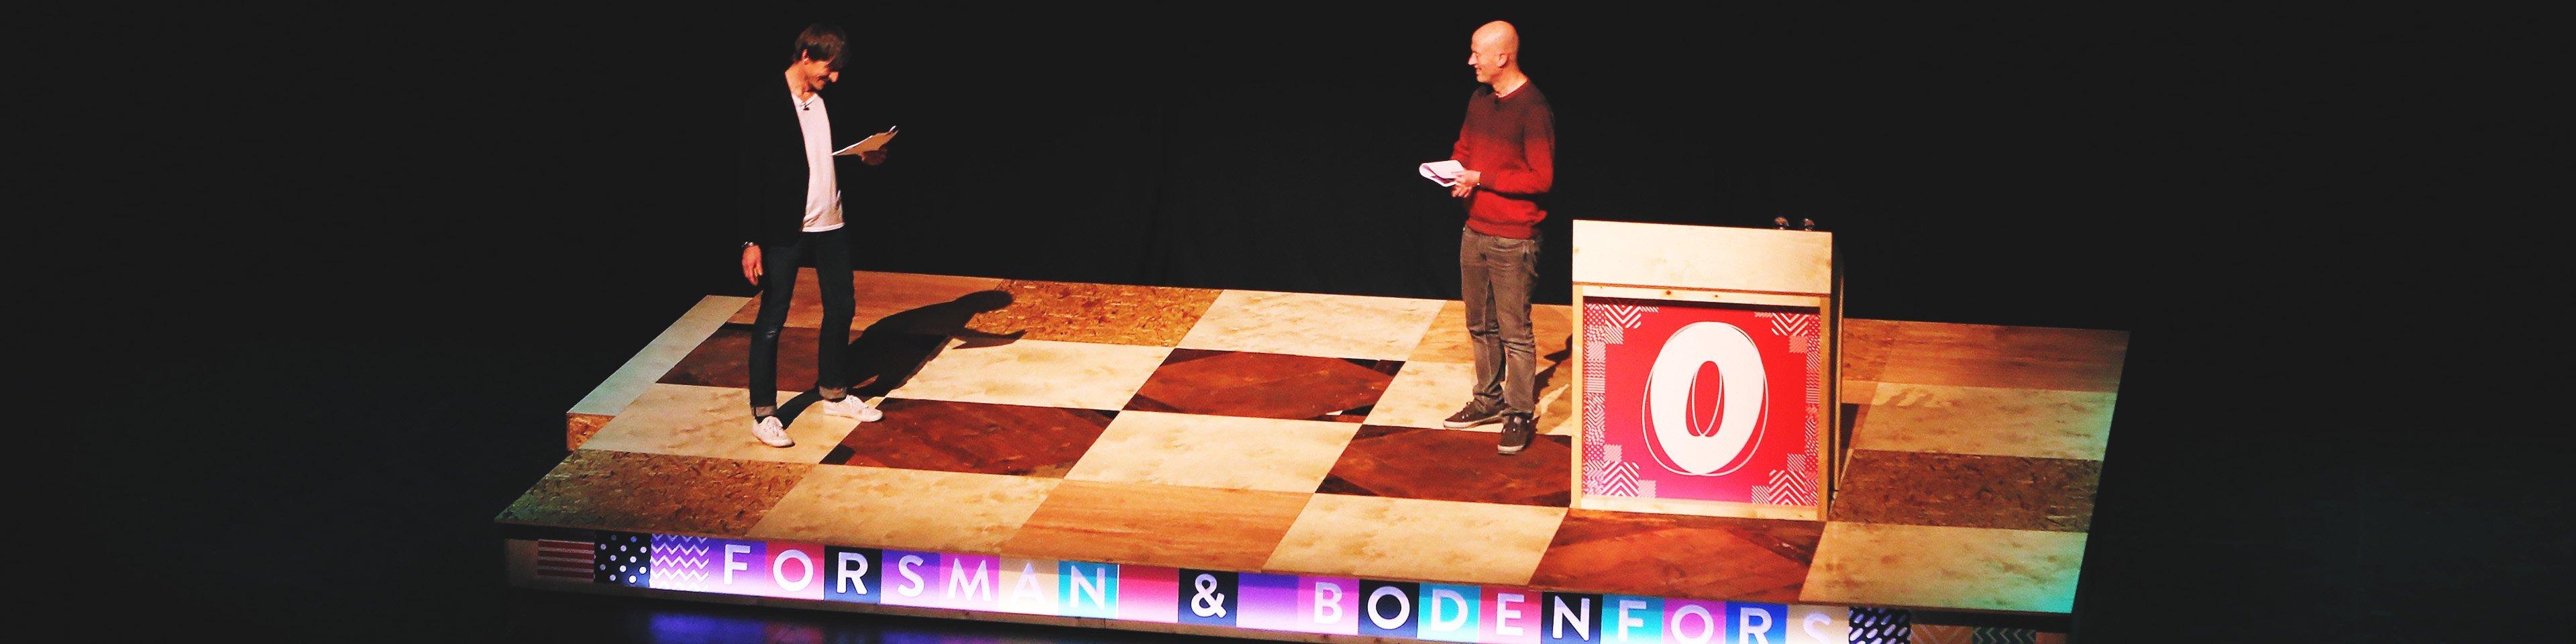 Forsman & Bodenfors at OFFSET 2015